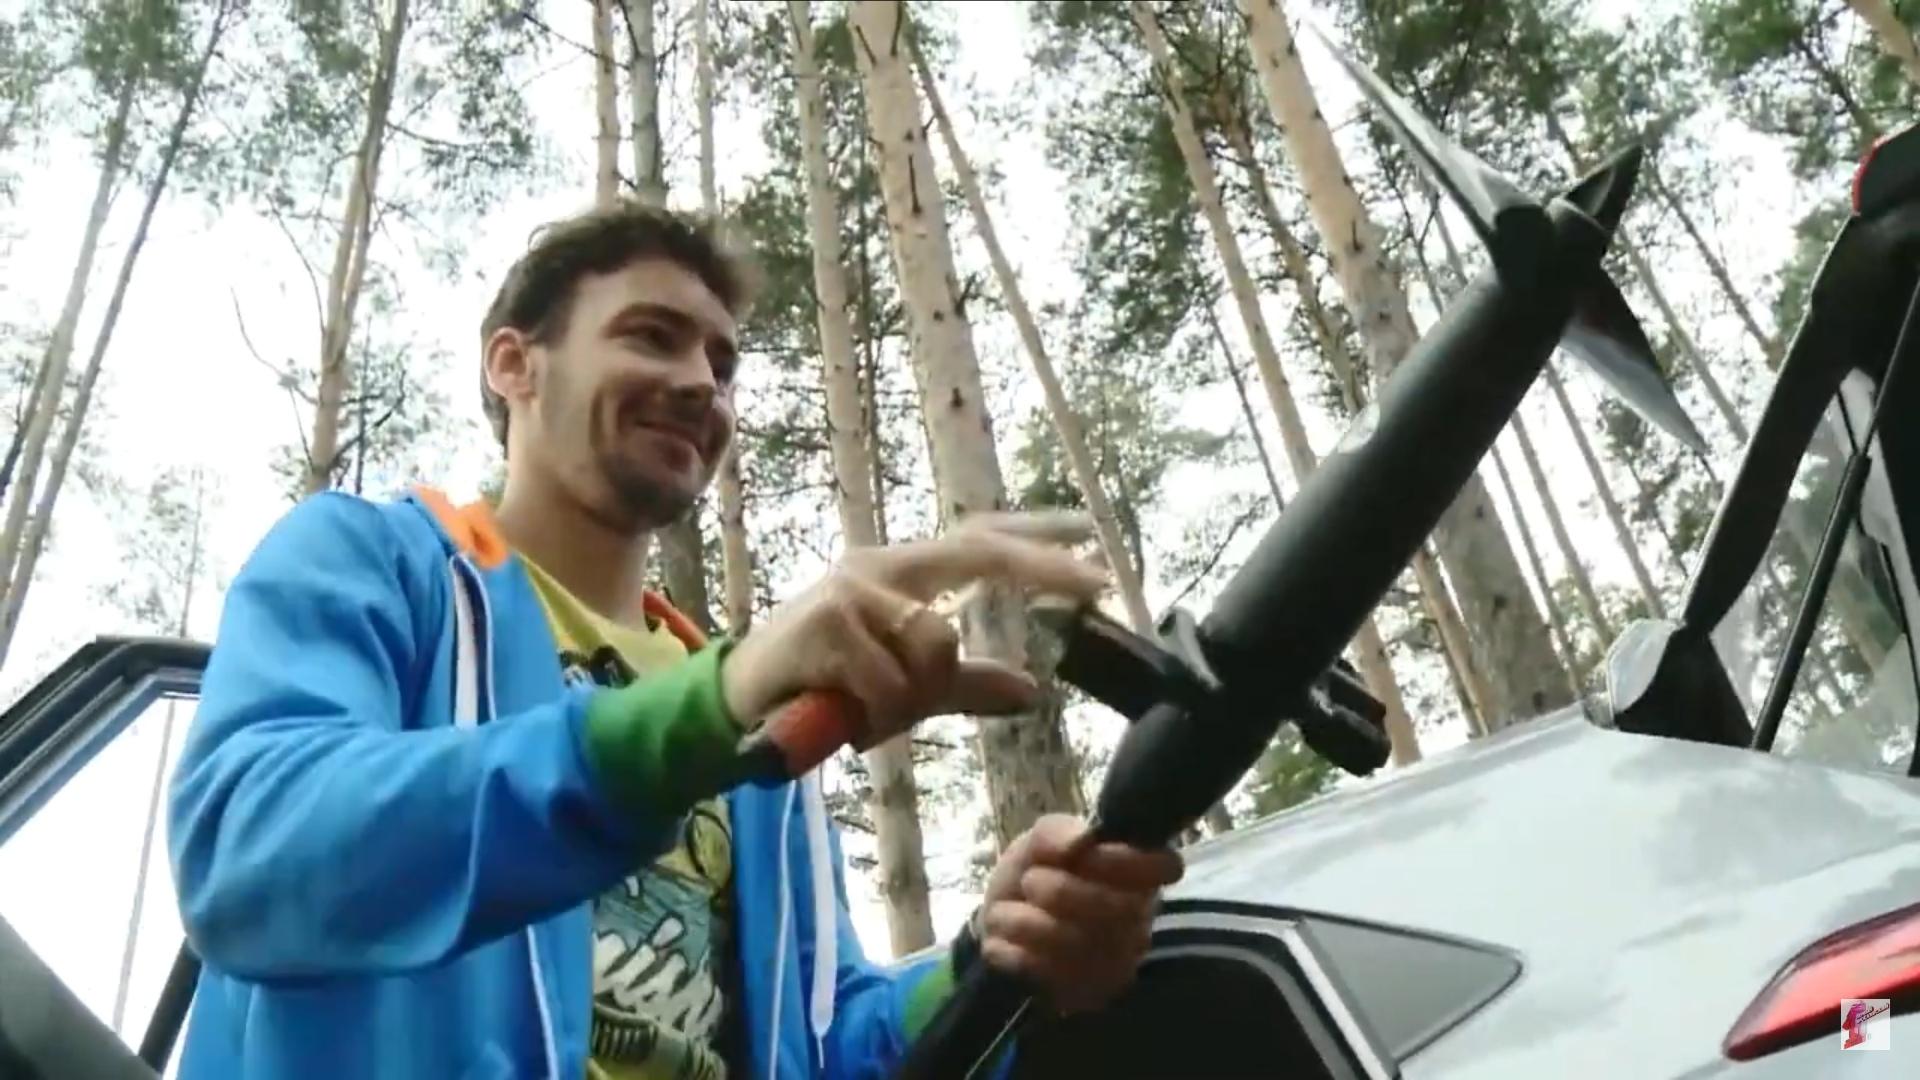 Ярославцы готовятся на водном велосипеде пересечь Ла-Манш